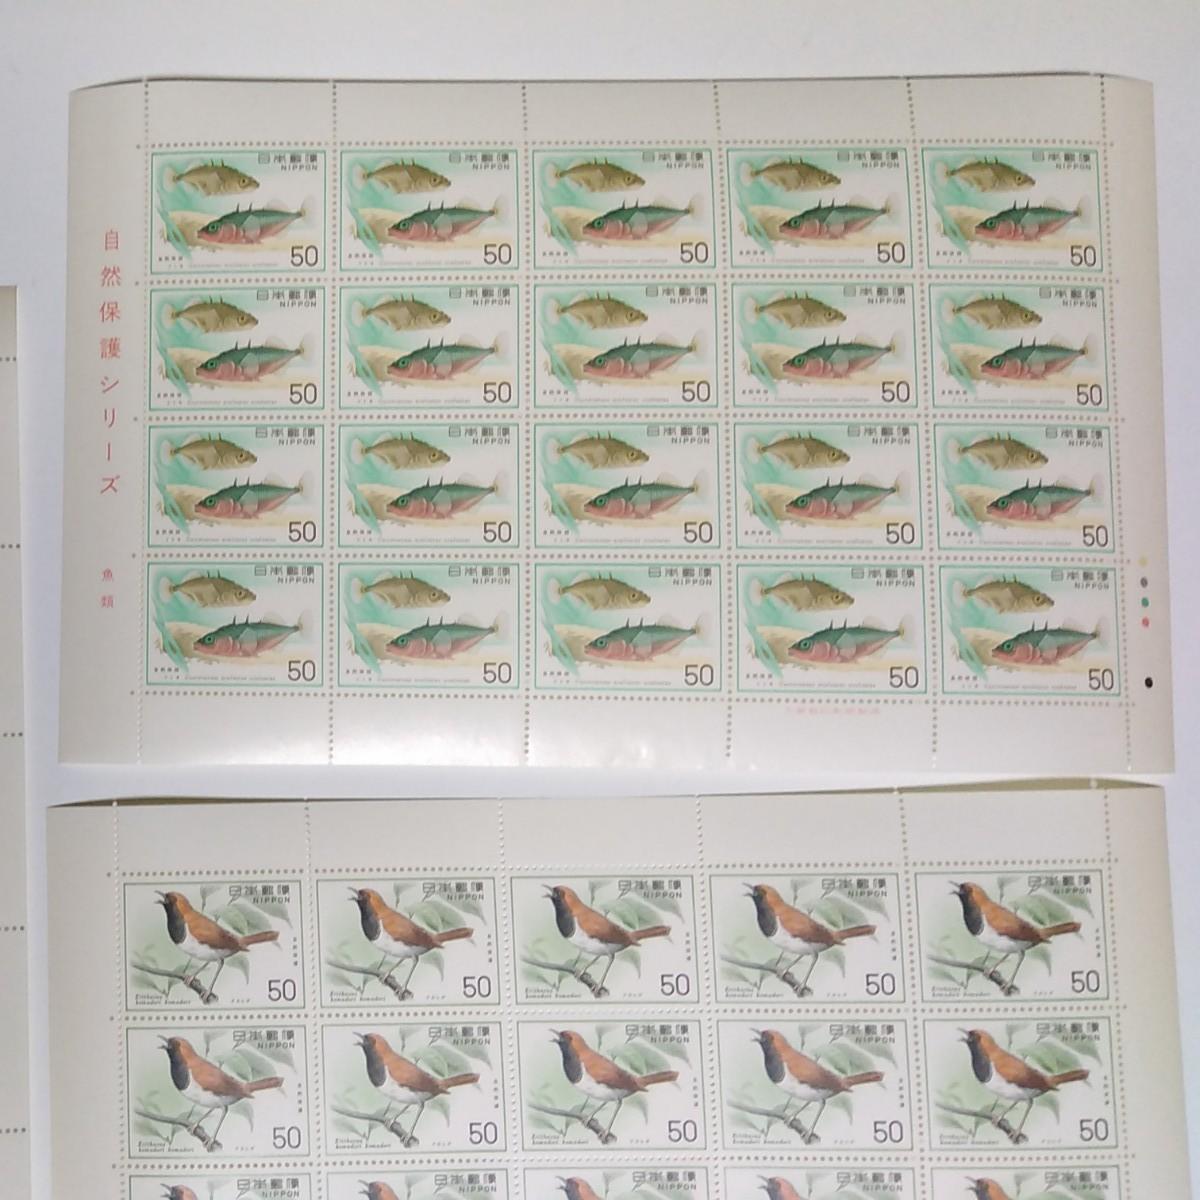 記念切手 自然保護シリーズなど3シート L セット